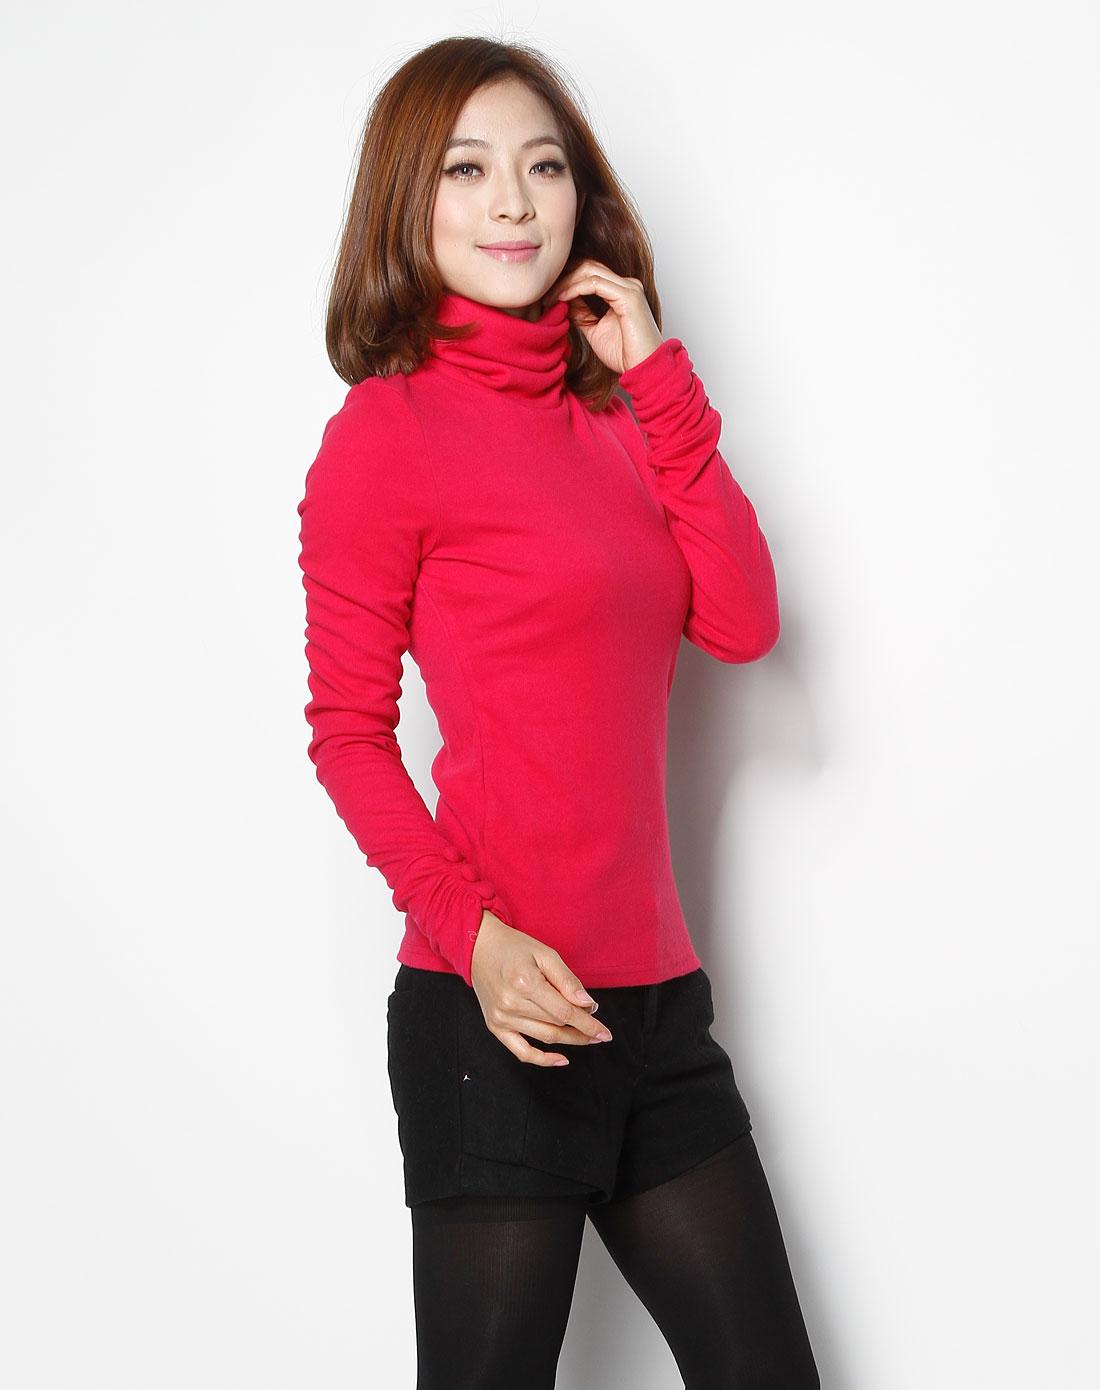 r&d玫红色高领简约长袖针织衫6104207005416